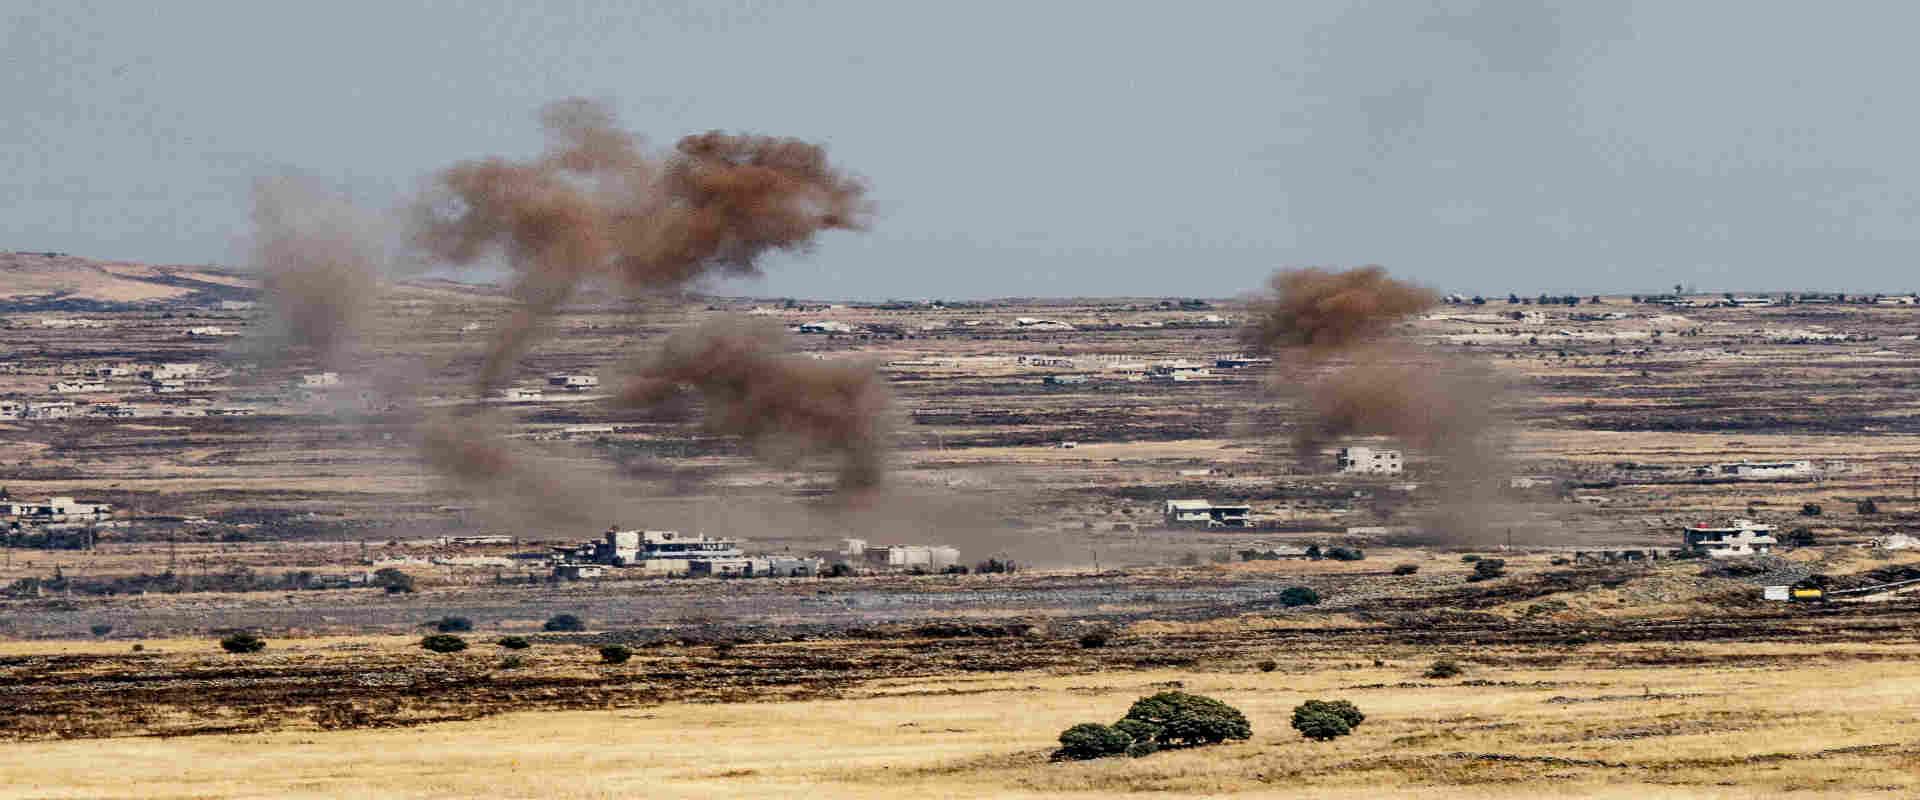 עשן מיתמר מאזור הקרבות בגבול סוריה